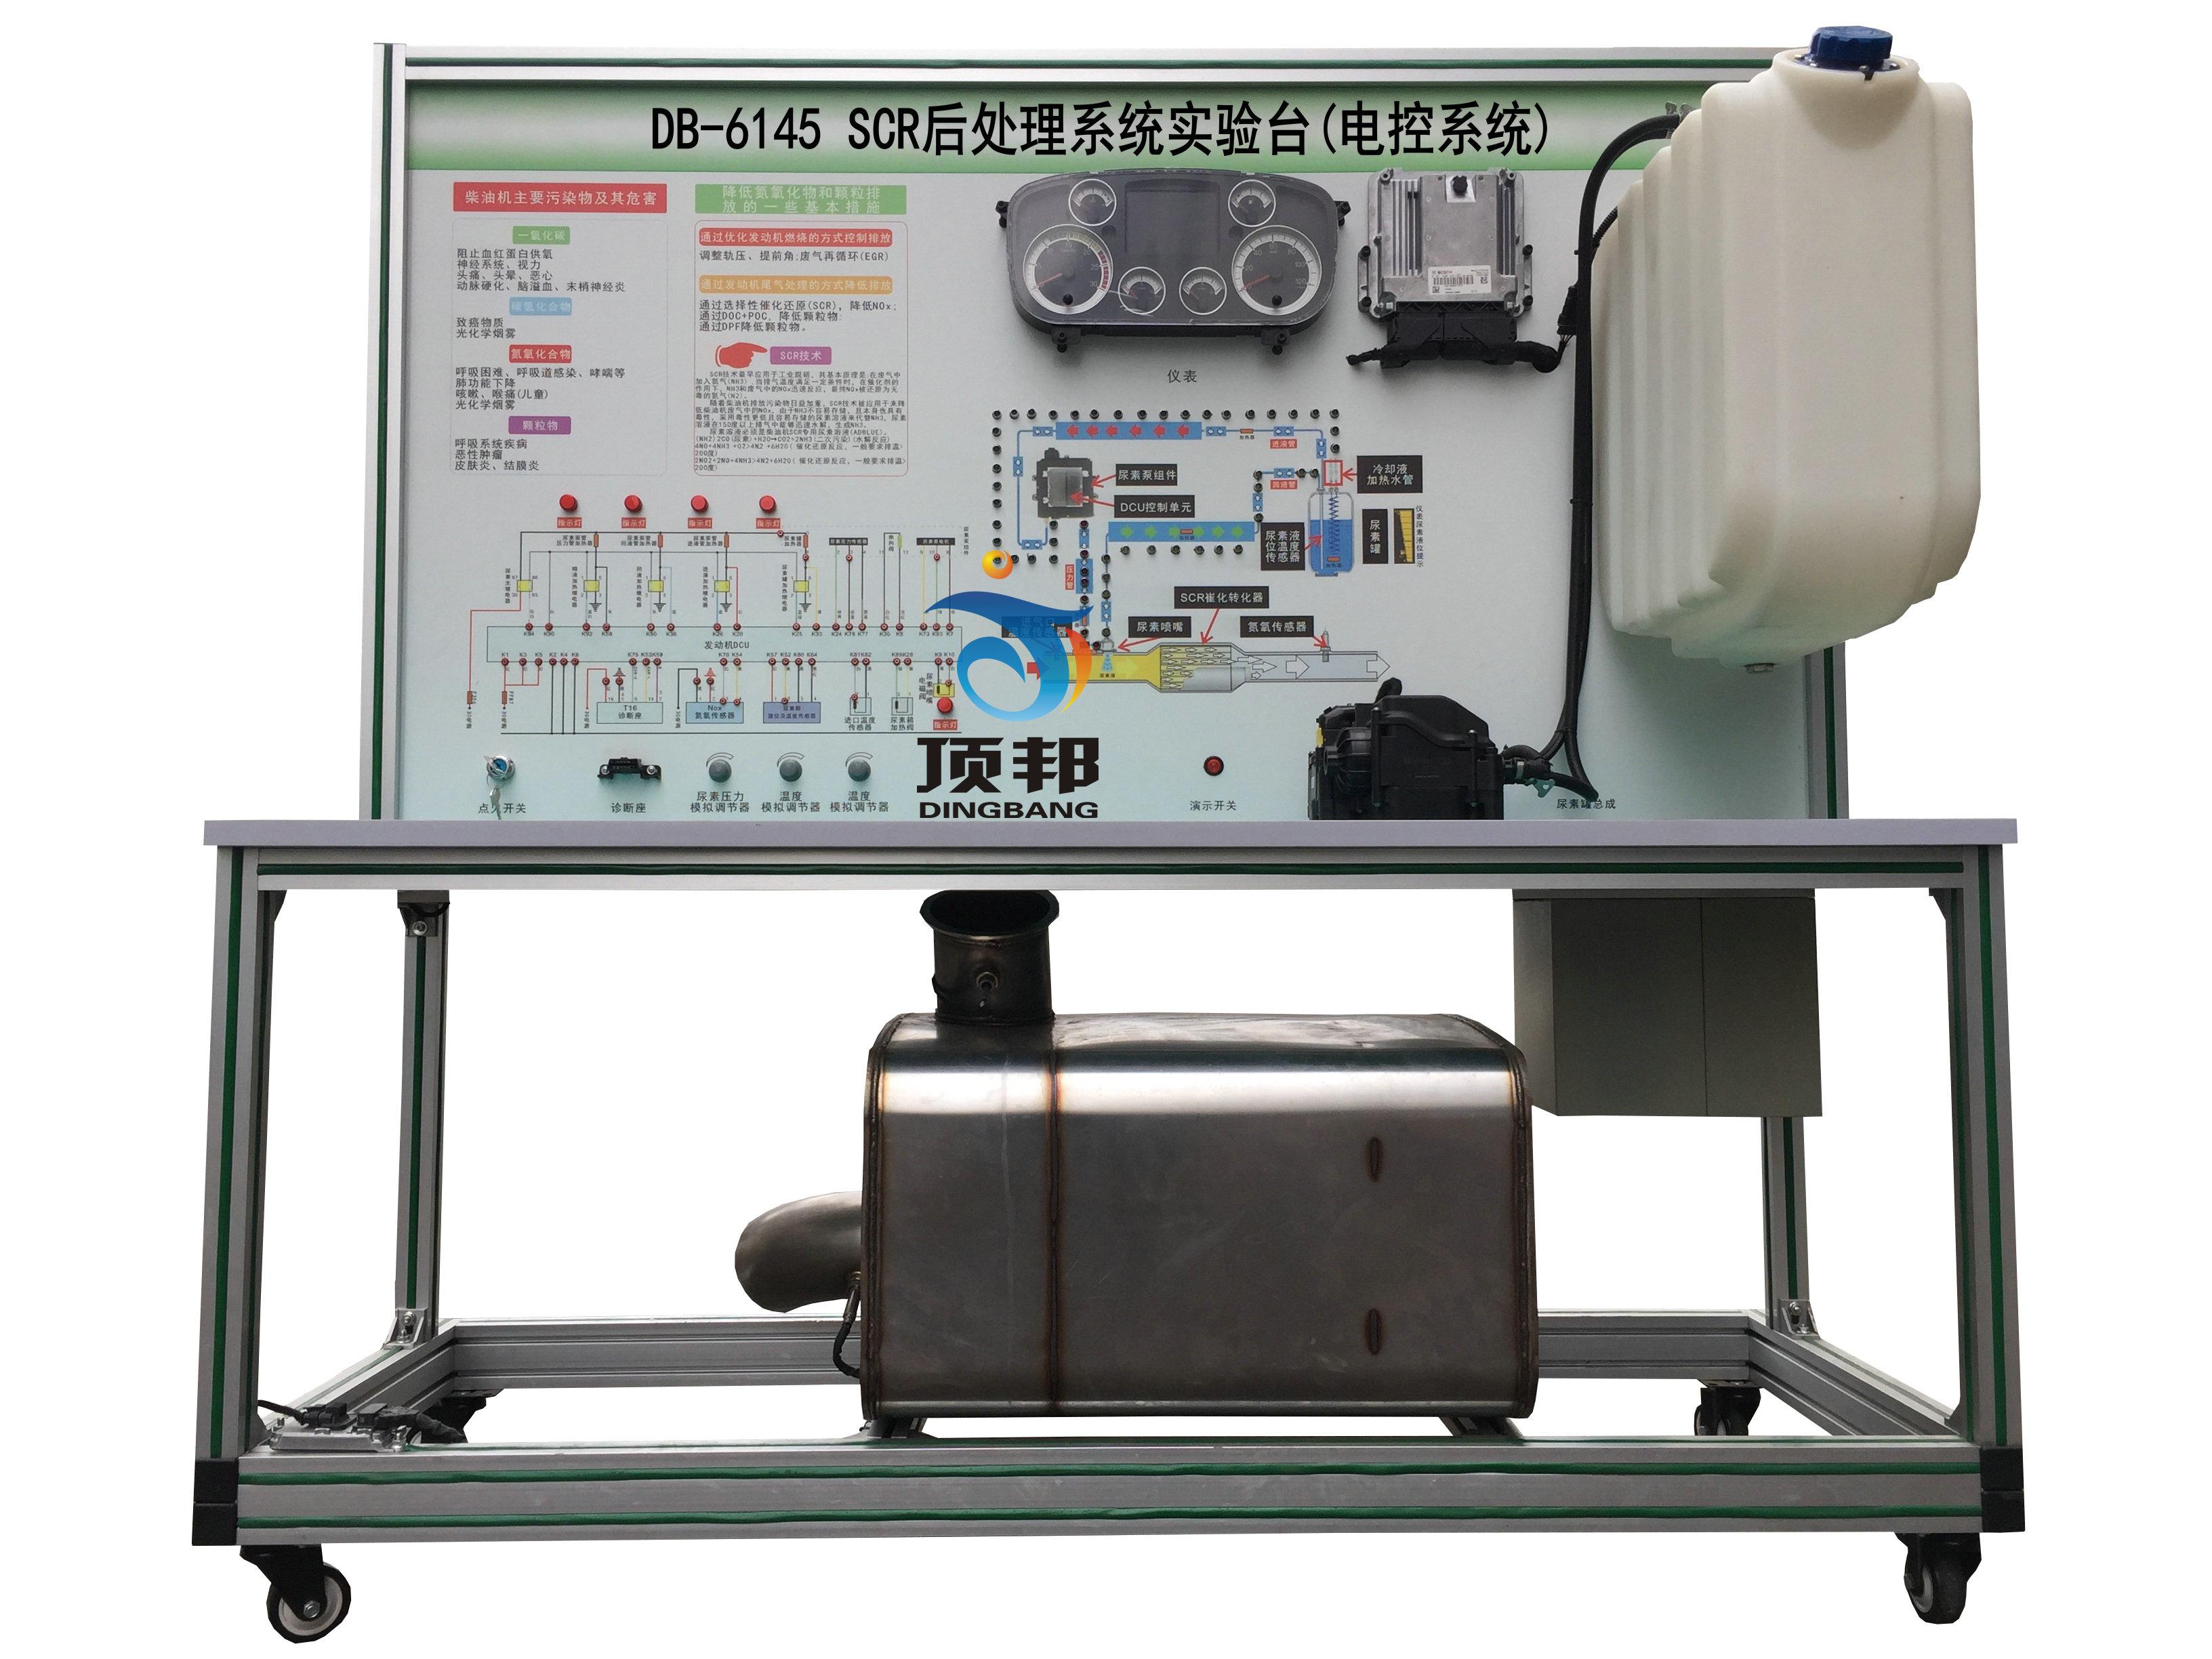 SCR 后处理系统实验台(电控系统)